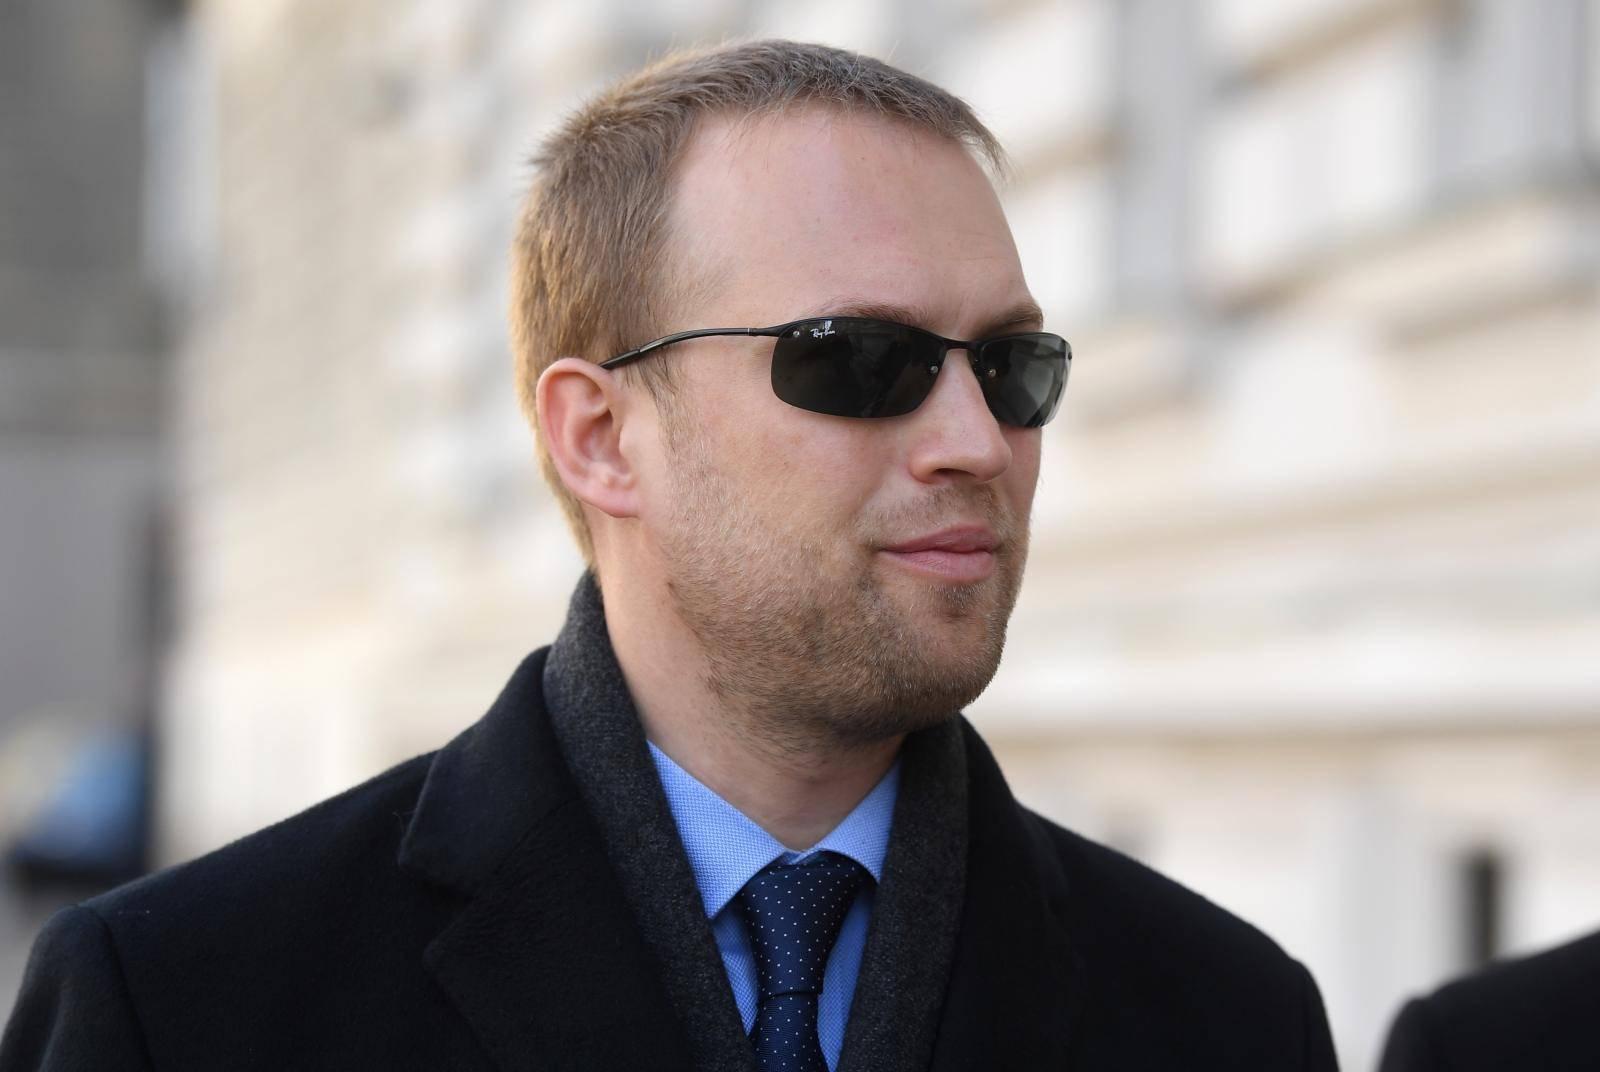 Potvrđena je optužnica protiv Sauche i Zeljko: 'Ja nisam kriv'